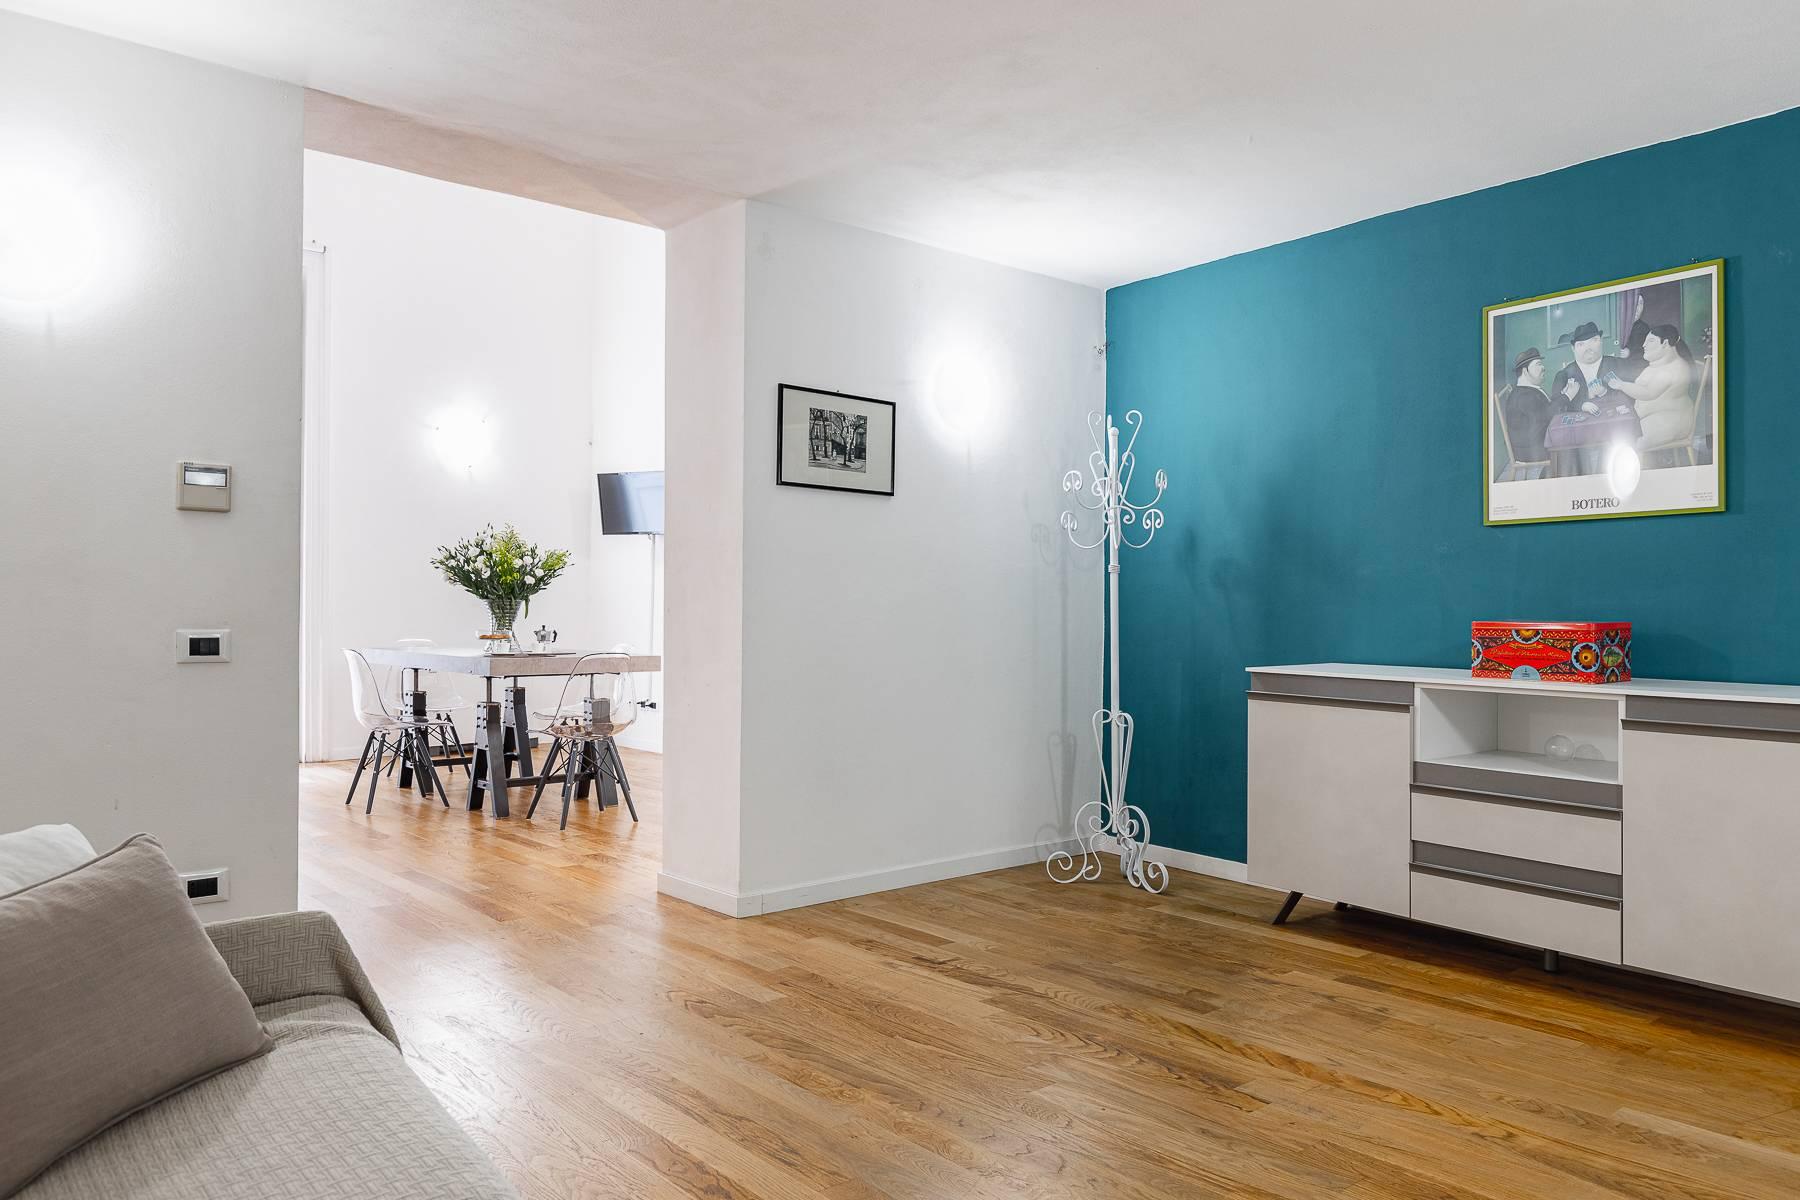 Appartamento in Vendita a Palermo: 4 locali, 154 mq - Foto 11